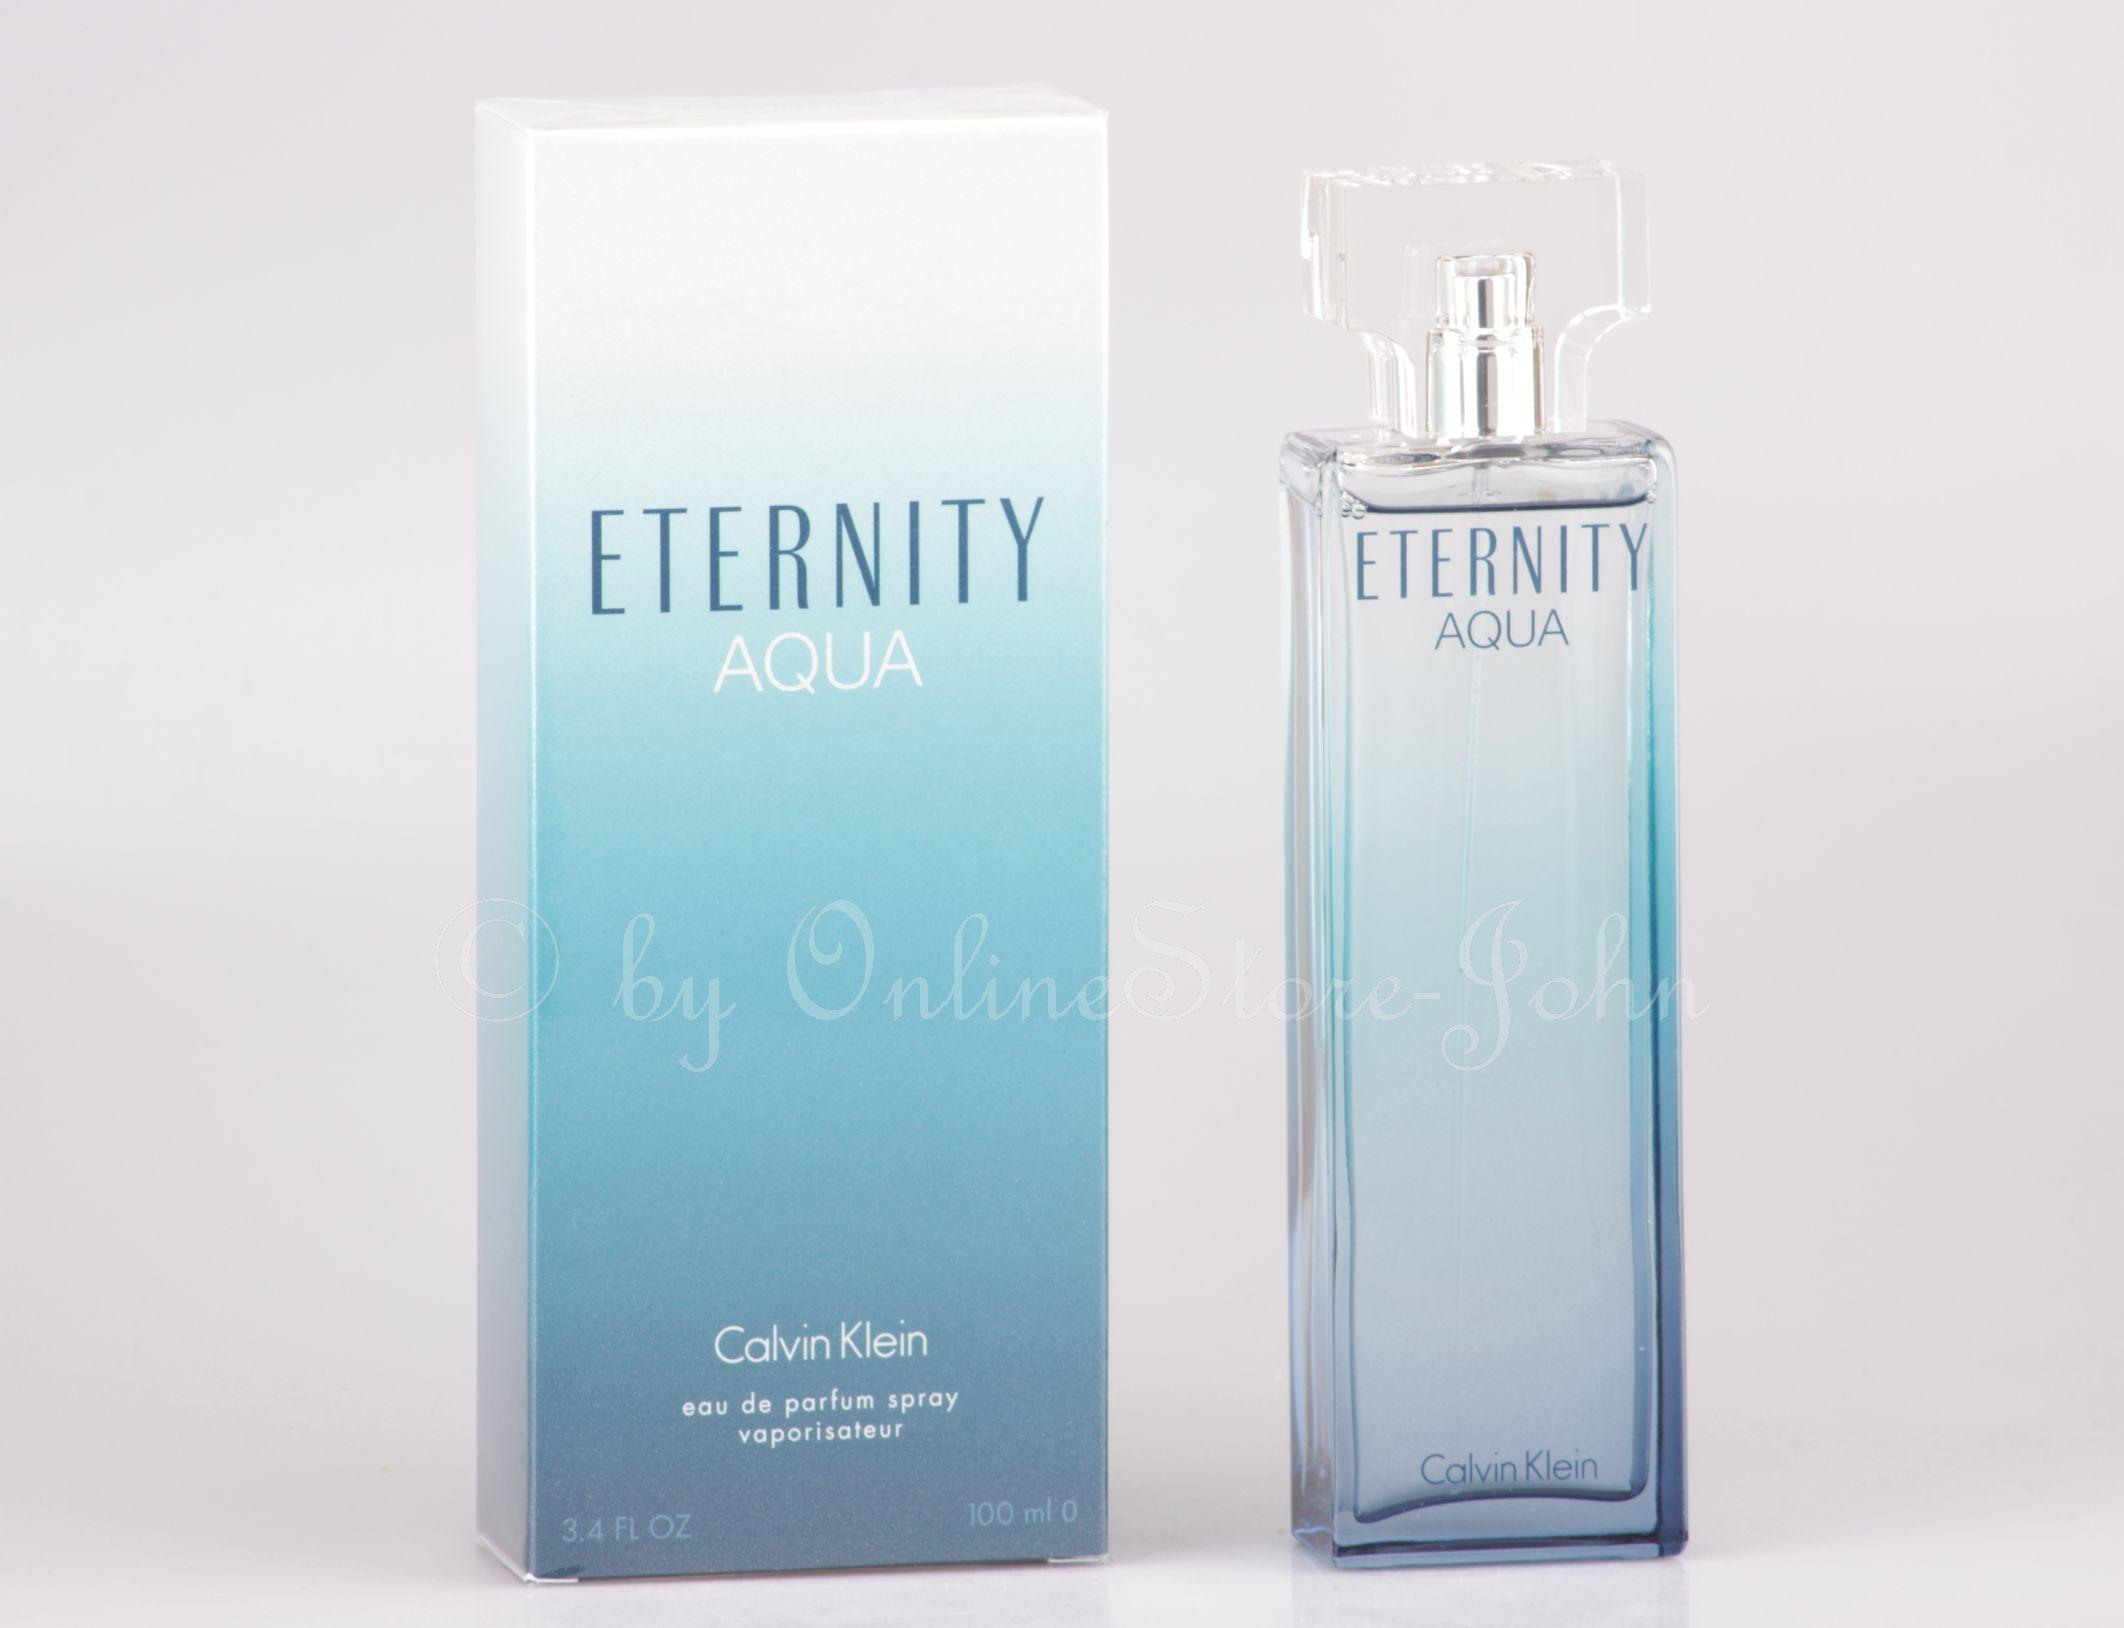 Calvin Klein Eternity Aqua 100ml Edp Eau De Parfum